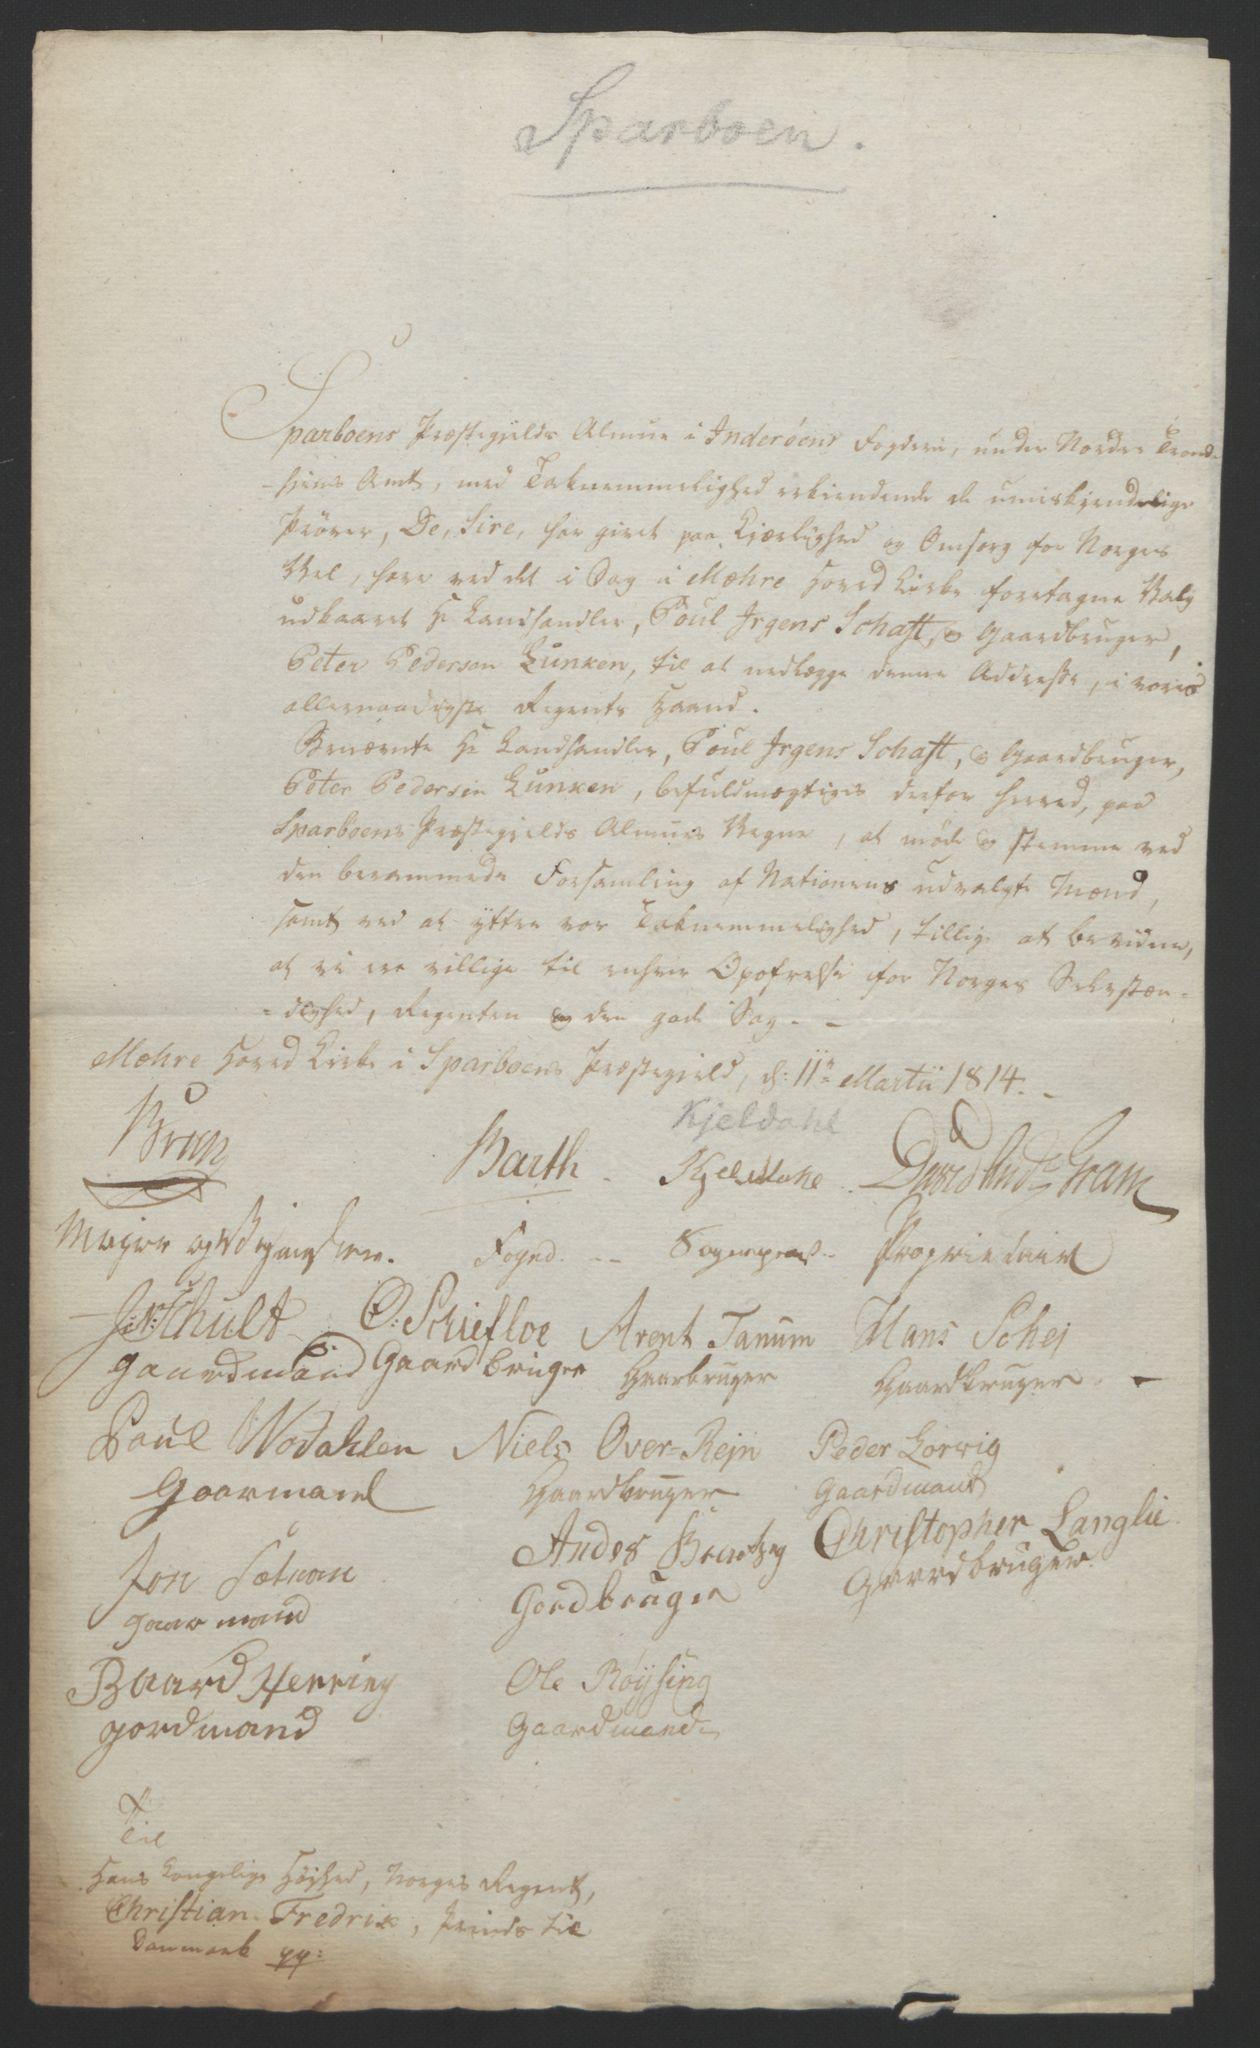 RA, Statsrådssekretariatet, D/Db/L0008: Fullmakter for Eidsvollsrepresentantene i 1814. , 1814, s. 480